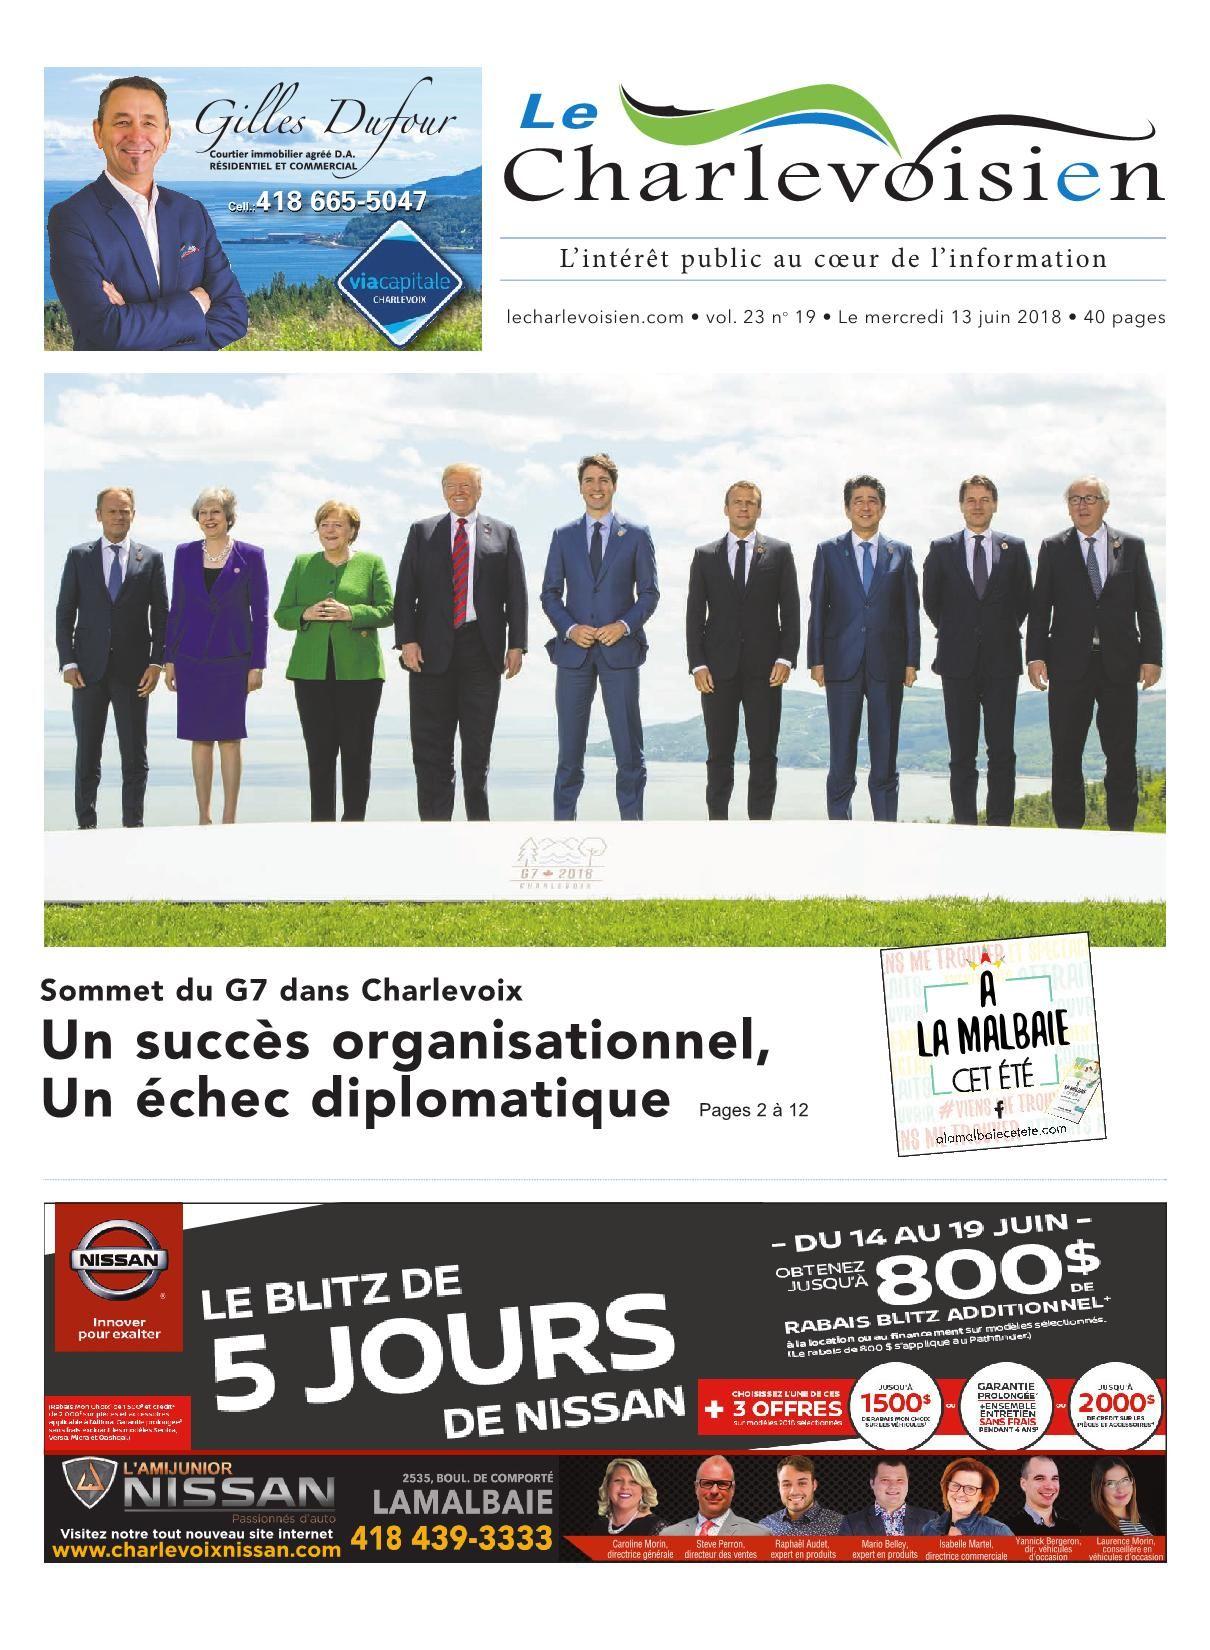 Appeler Leclerc Unique Le Charlevoisien 13 Juin 2018 Pages 1 40 Text Version Of 39 Best Of Appeler Leclerc